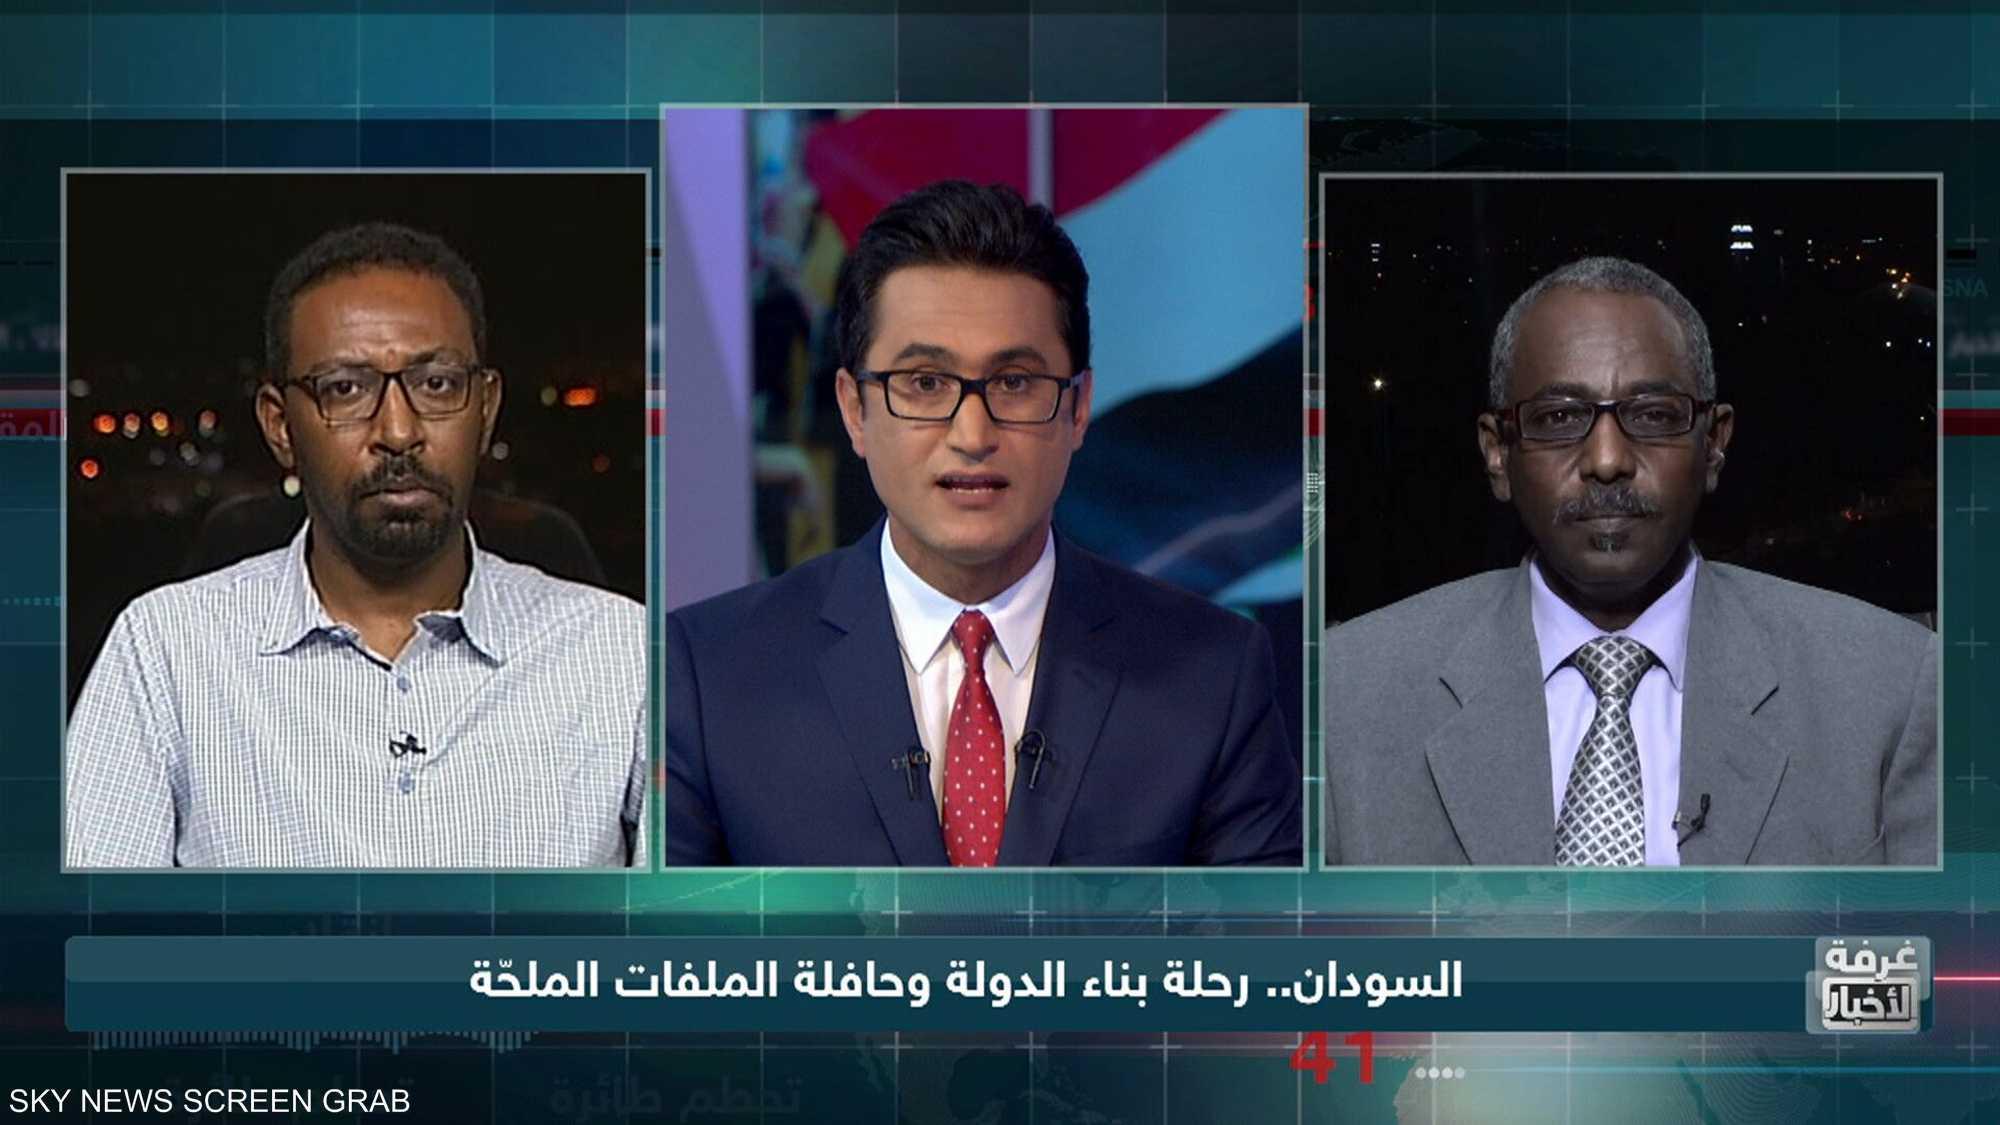 السودان.. رحلة بناء الدولة وحافلة الملفات الملحّة